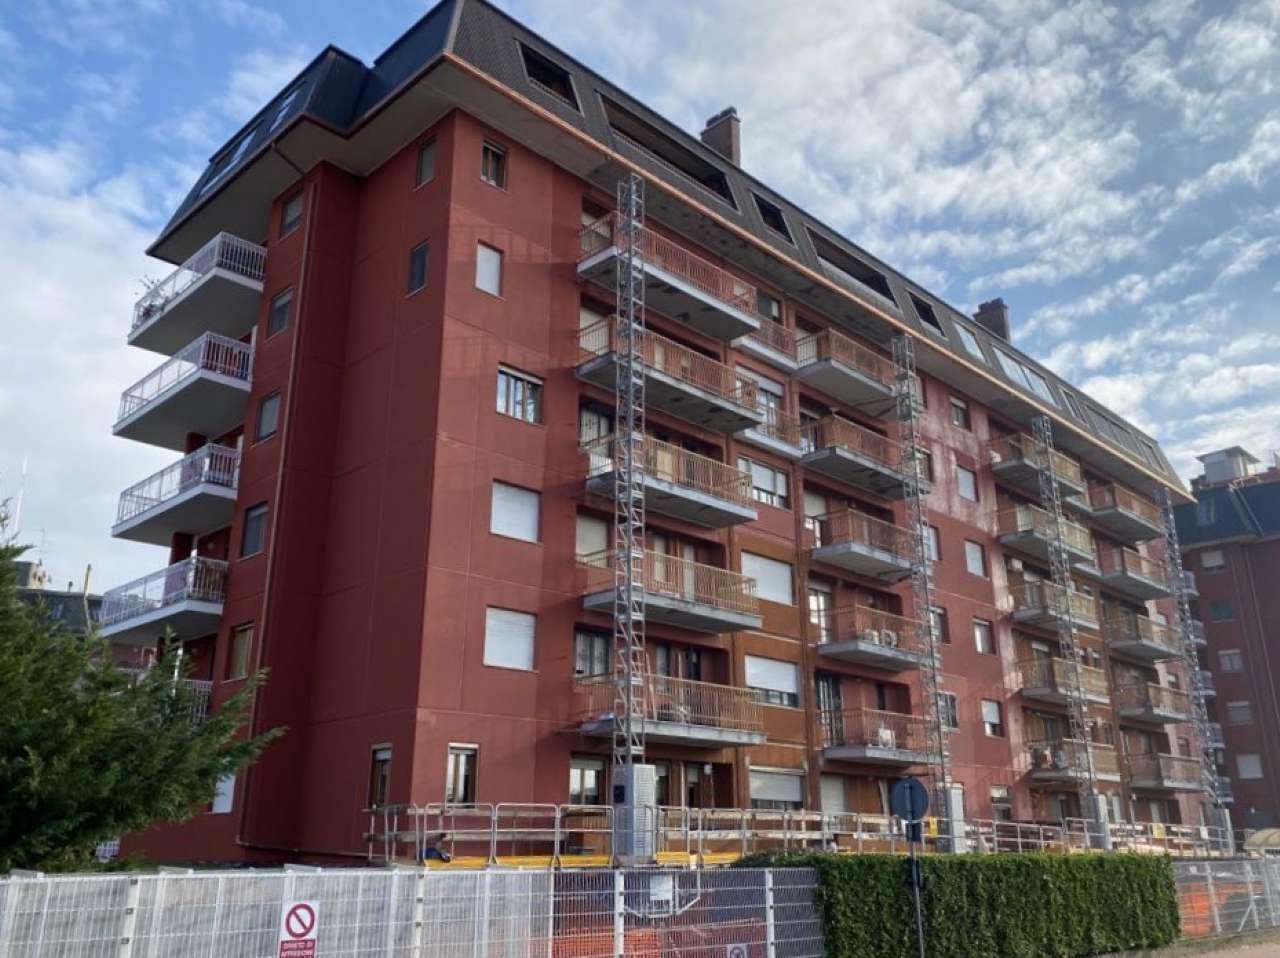 Appartamento in vendita a Assago, 3 locali, prezzo € 240.000   PortaleAgenzieImmobiliari.it